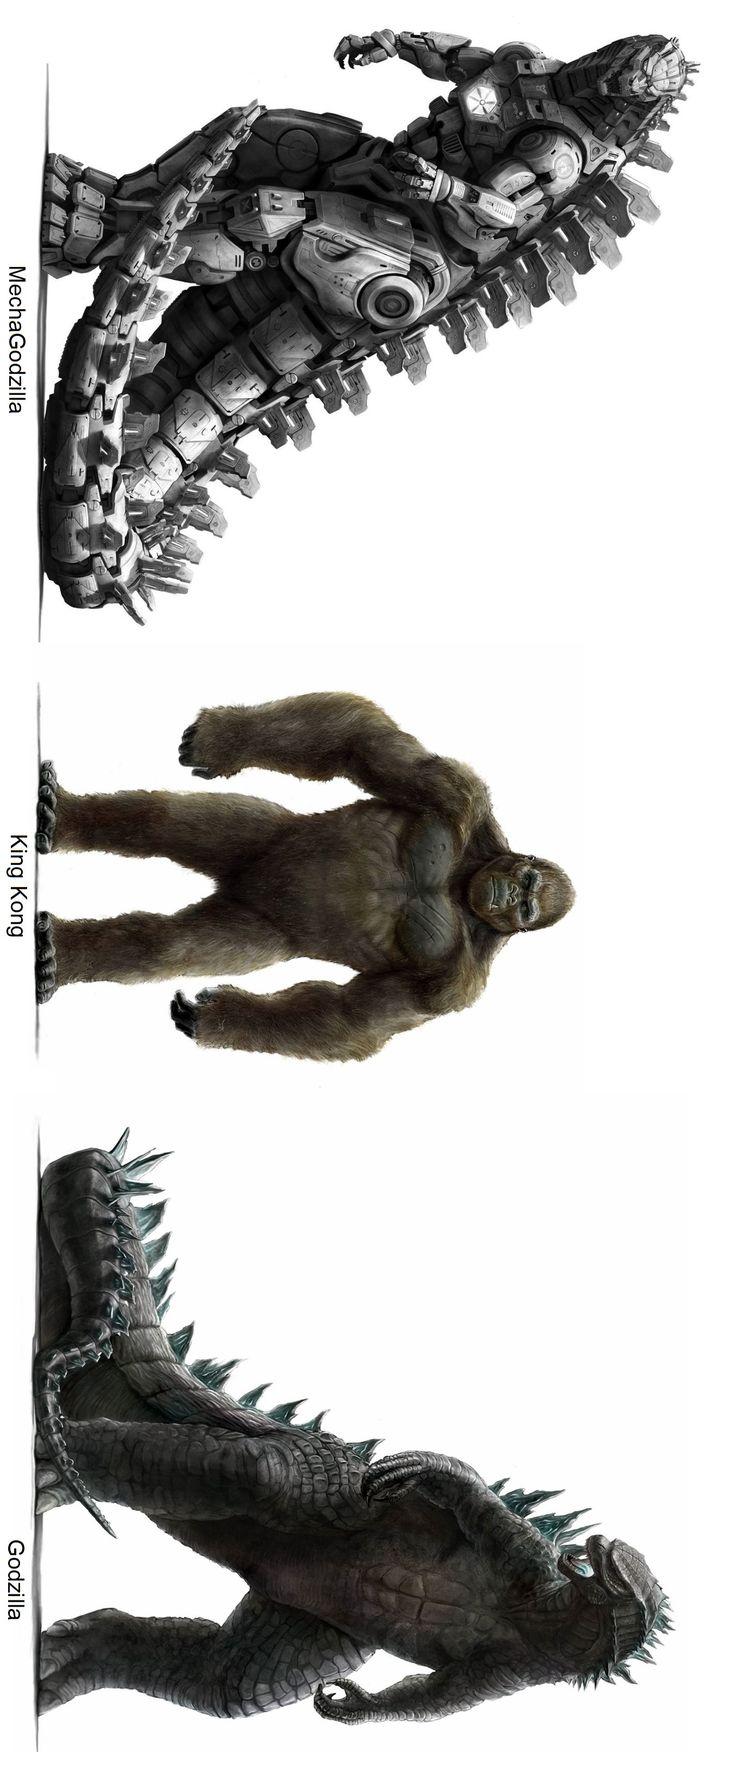 Kaiju Warriors in 2020 Kaiju monsters, All godzilla